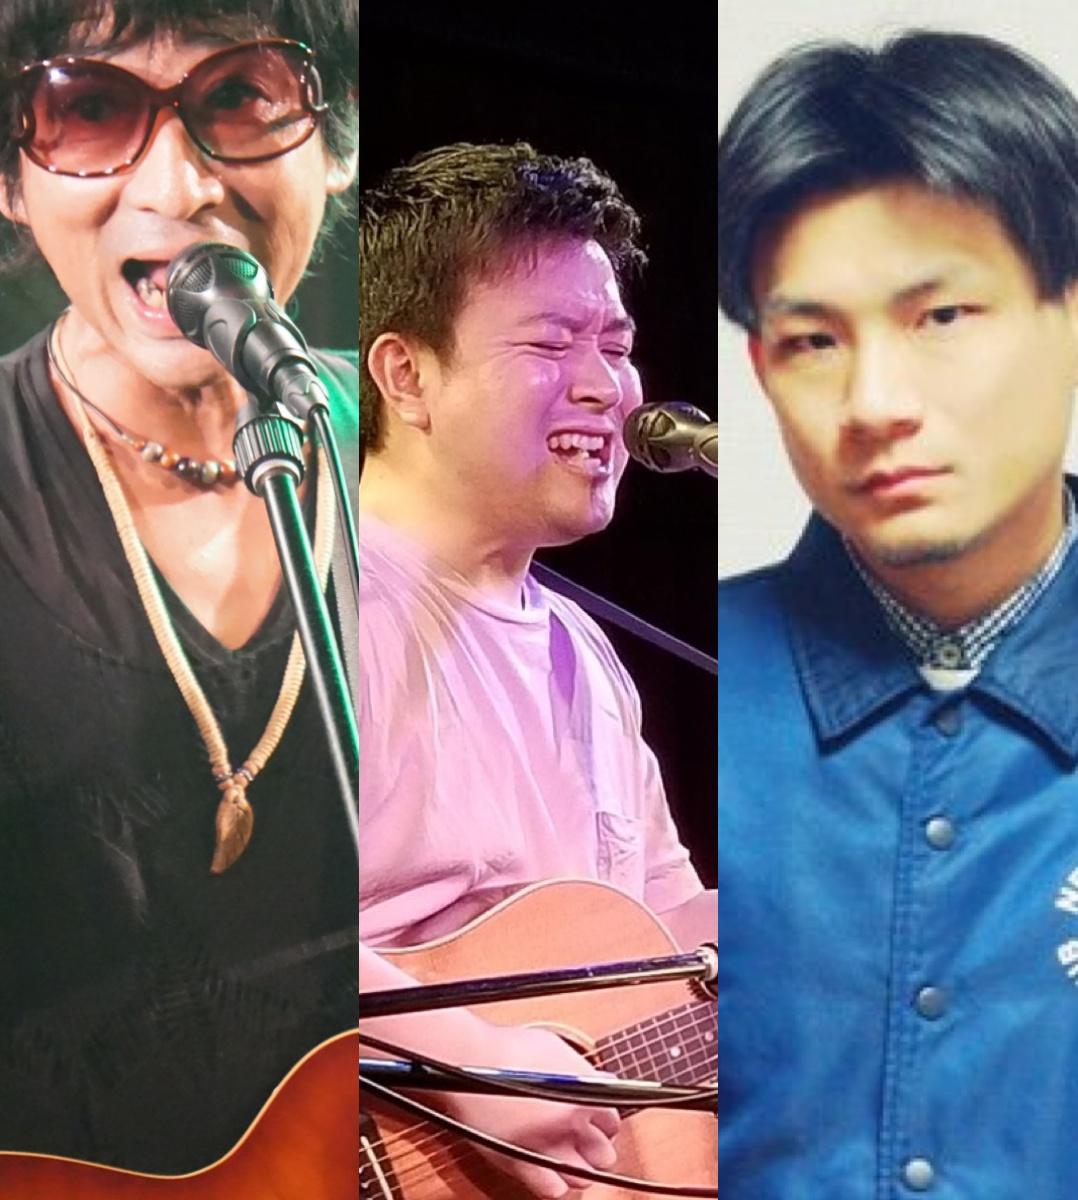 『白昼夢』出演:KEN_BC / 立山大二郎 / ウチウミナオヤ